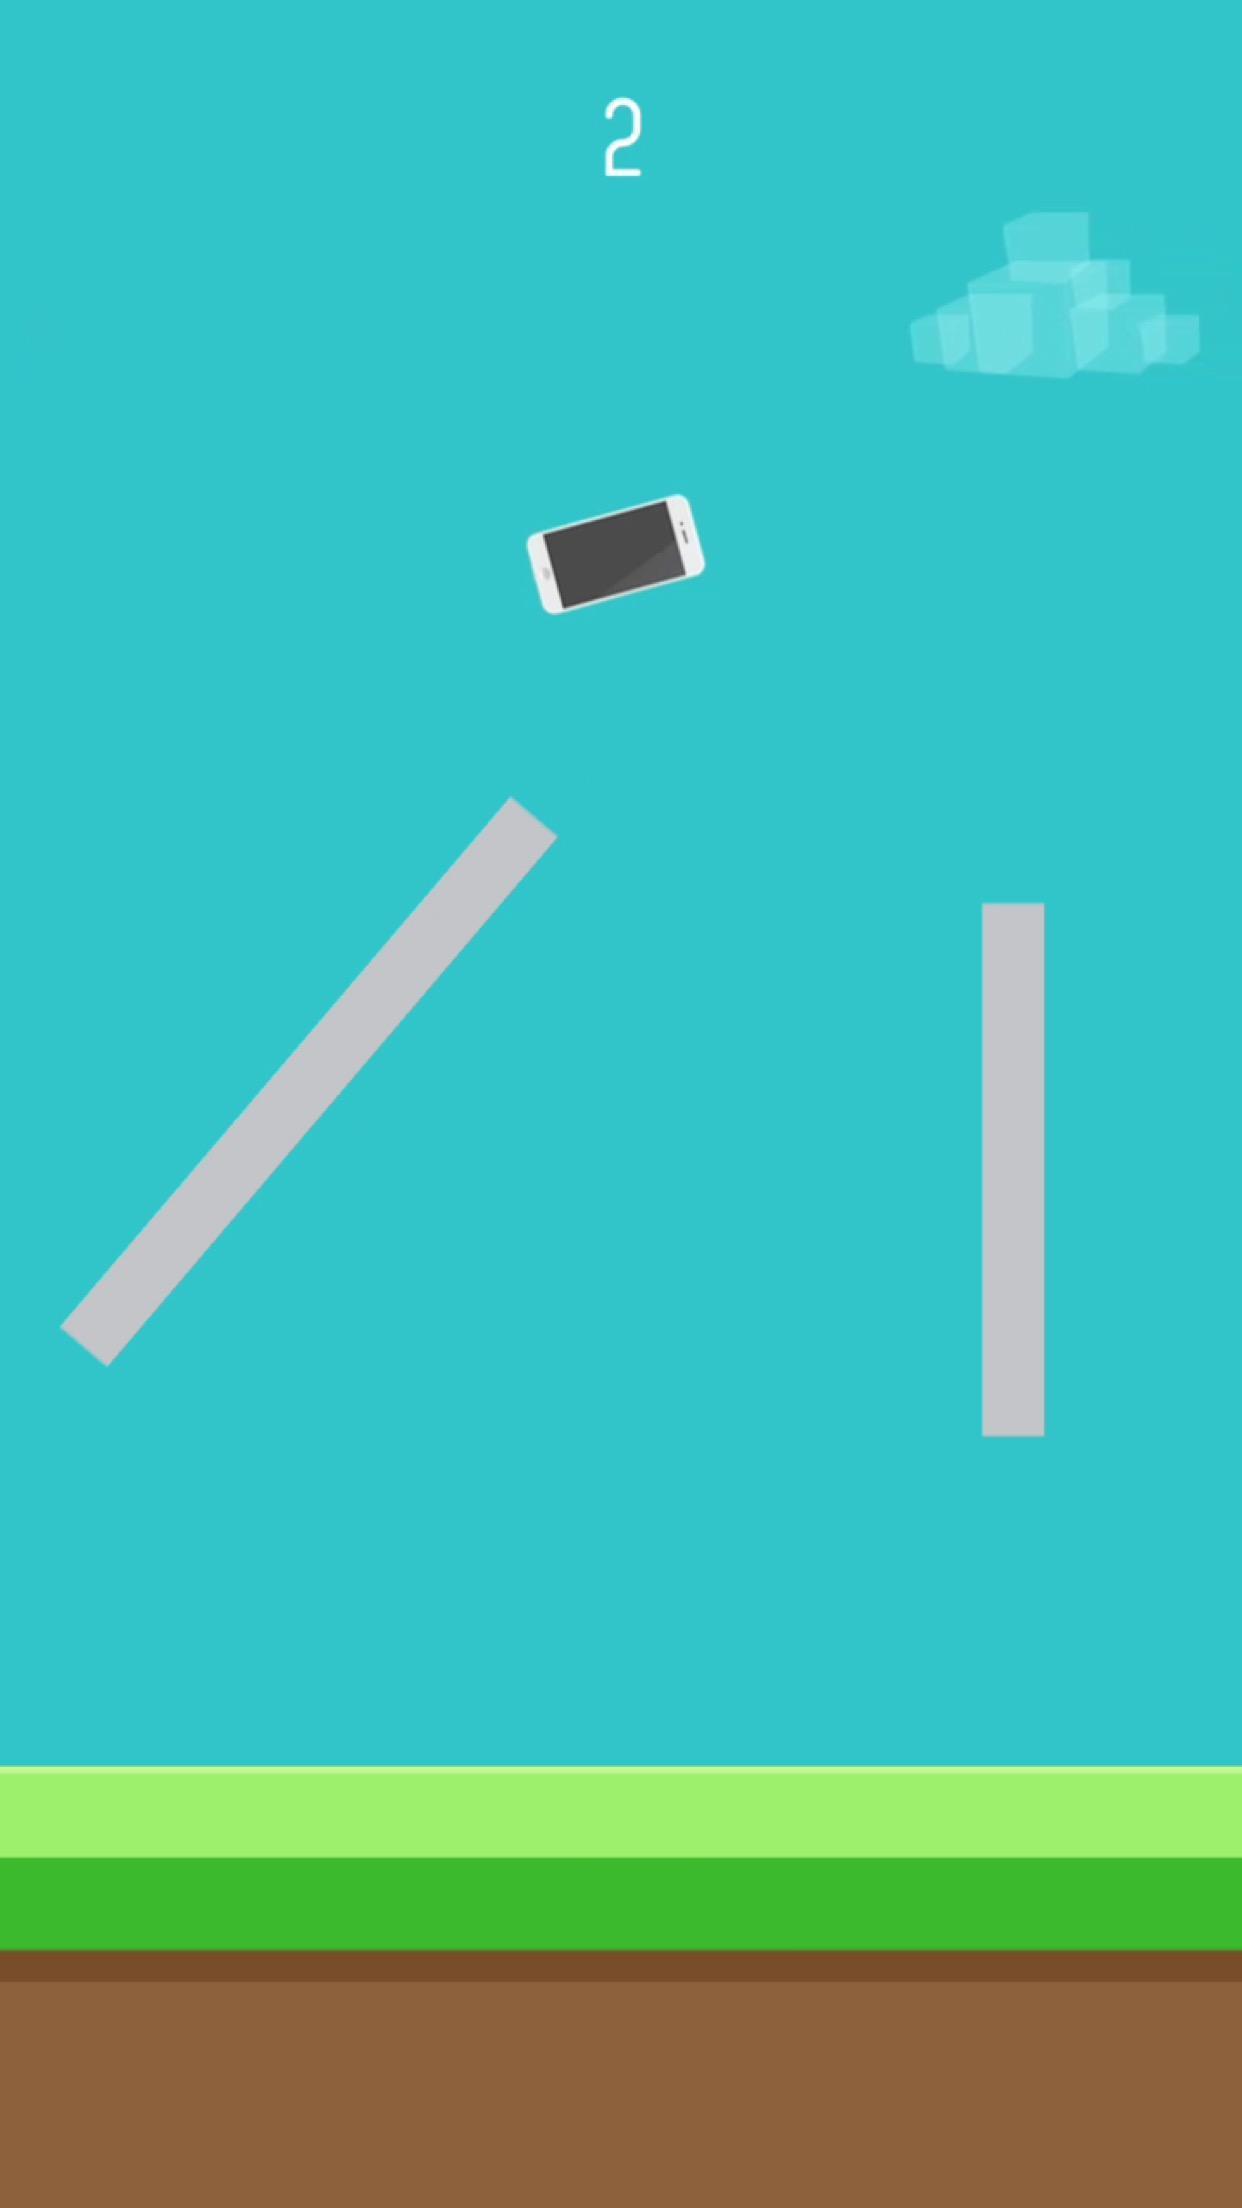 Smartphone Flip Challenge 6